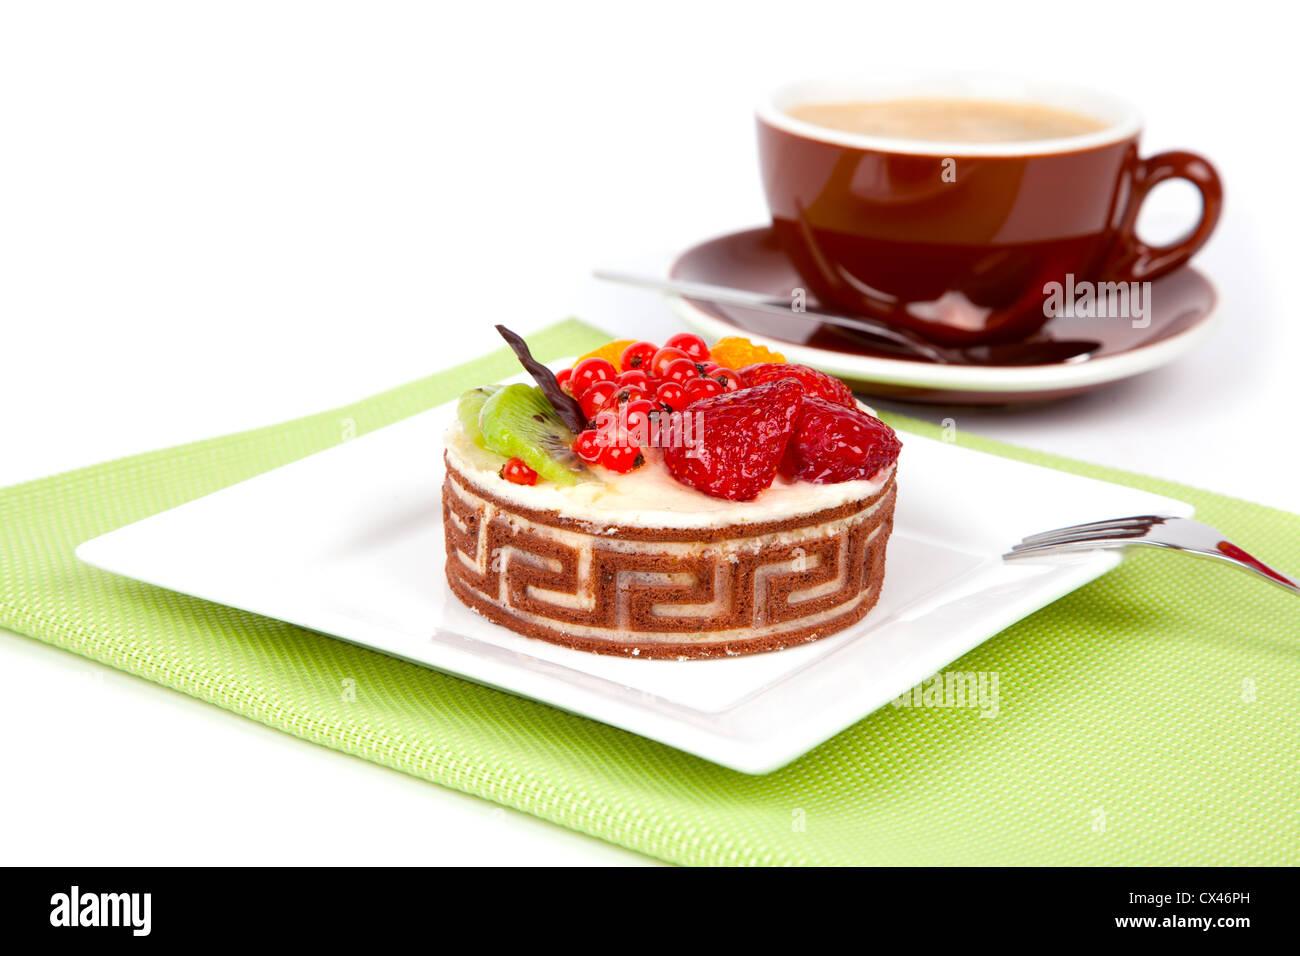 Kalorienarme Frucht Kuchen Mit Tasse Caffee Auf Weissem Hintergrund